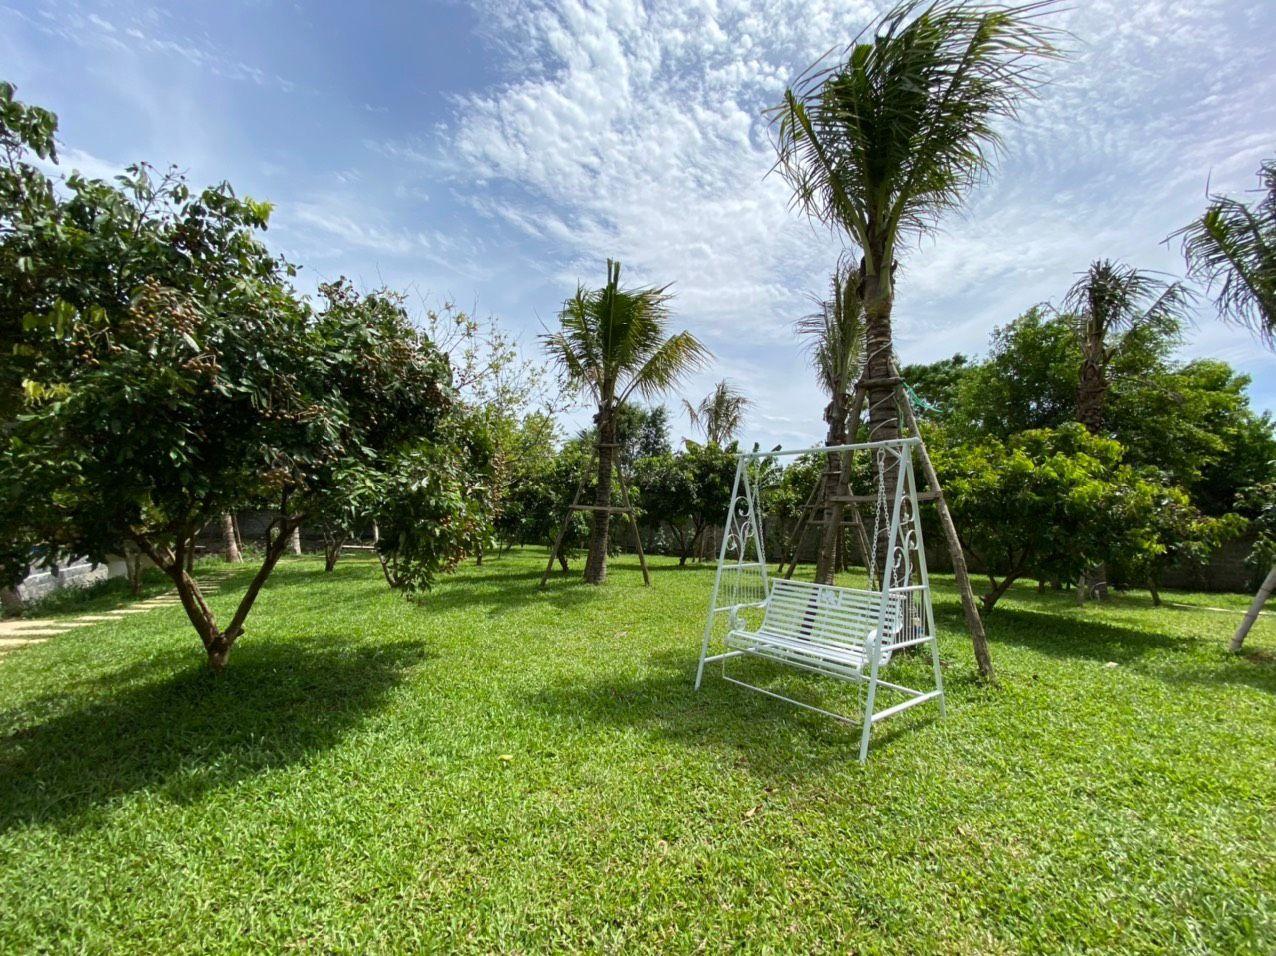 san-choi-villa-18-tan-view-bungalow-villa-homestay-ba-vi-ha-noi-03